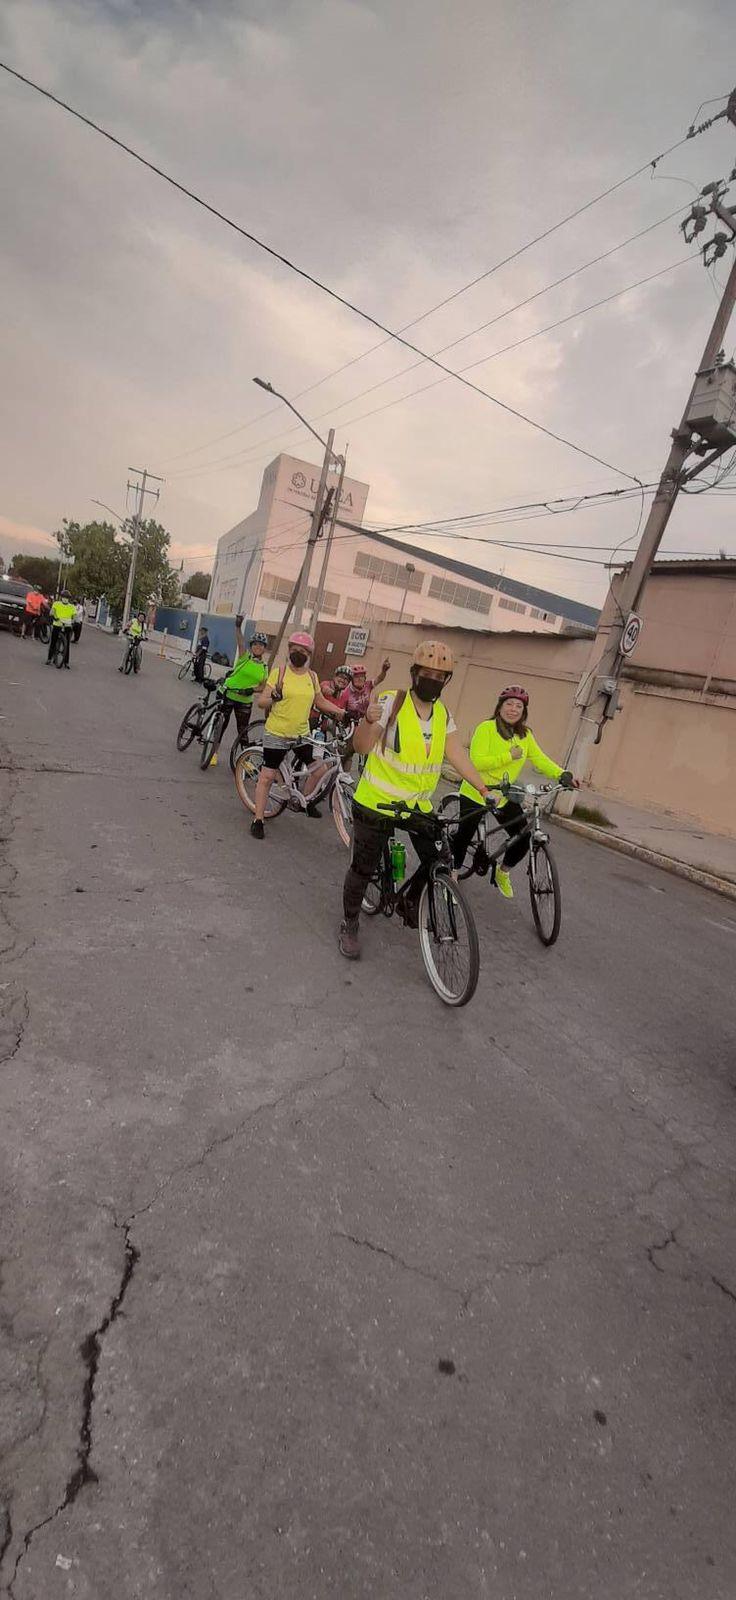 Darán un espacio a la comunidad ciclista para que cuenten qué necesitan y hablen sobre la vulnerabilidad que viven.